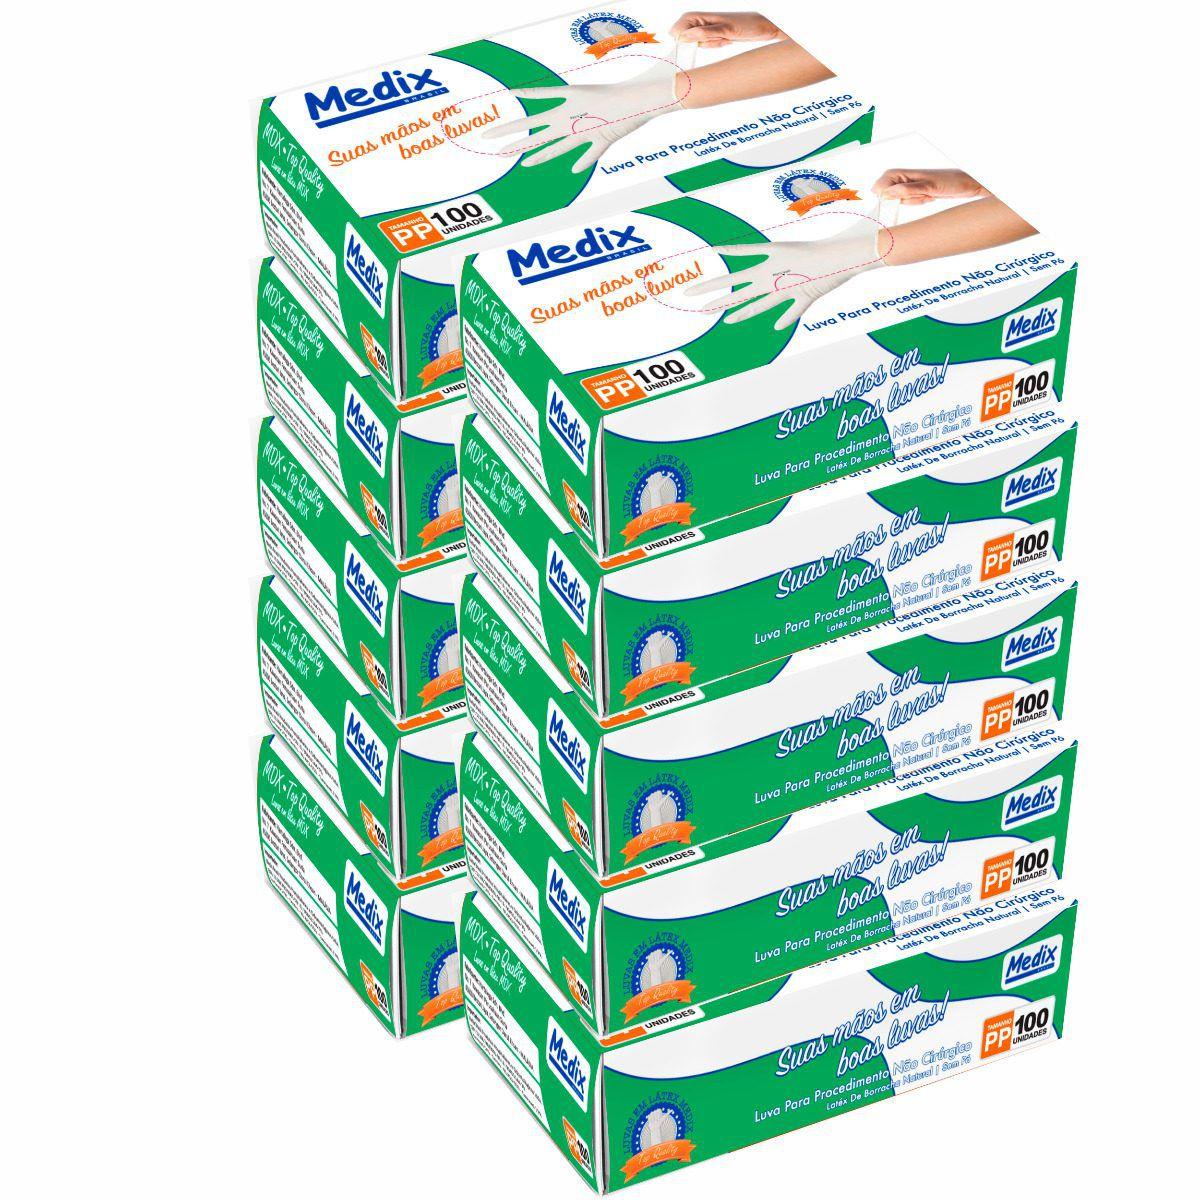 Luva de procedimentos em Latex Caixa c/ 10 Caixinhas - Medix